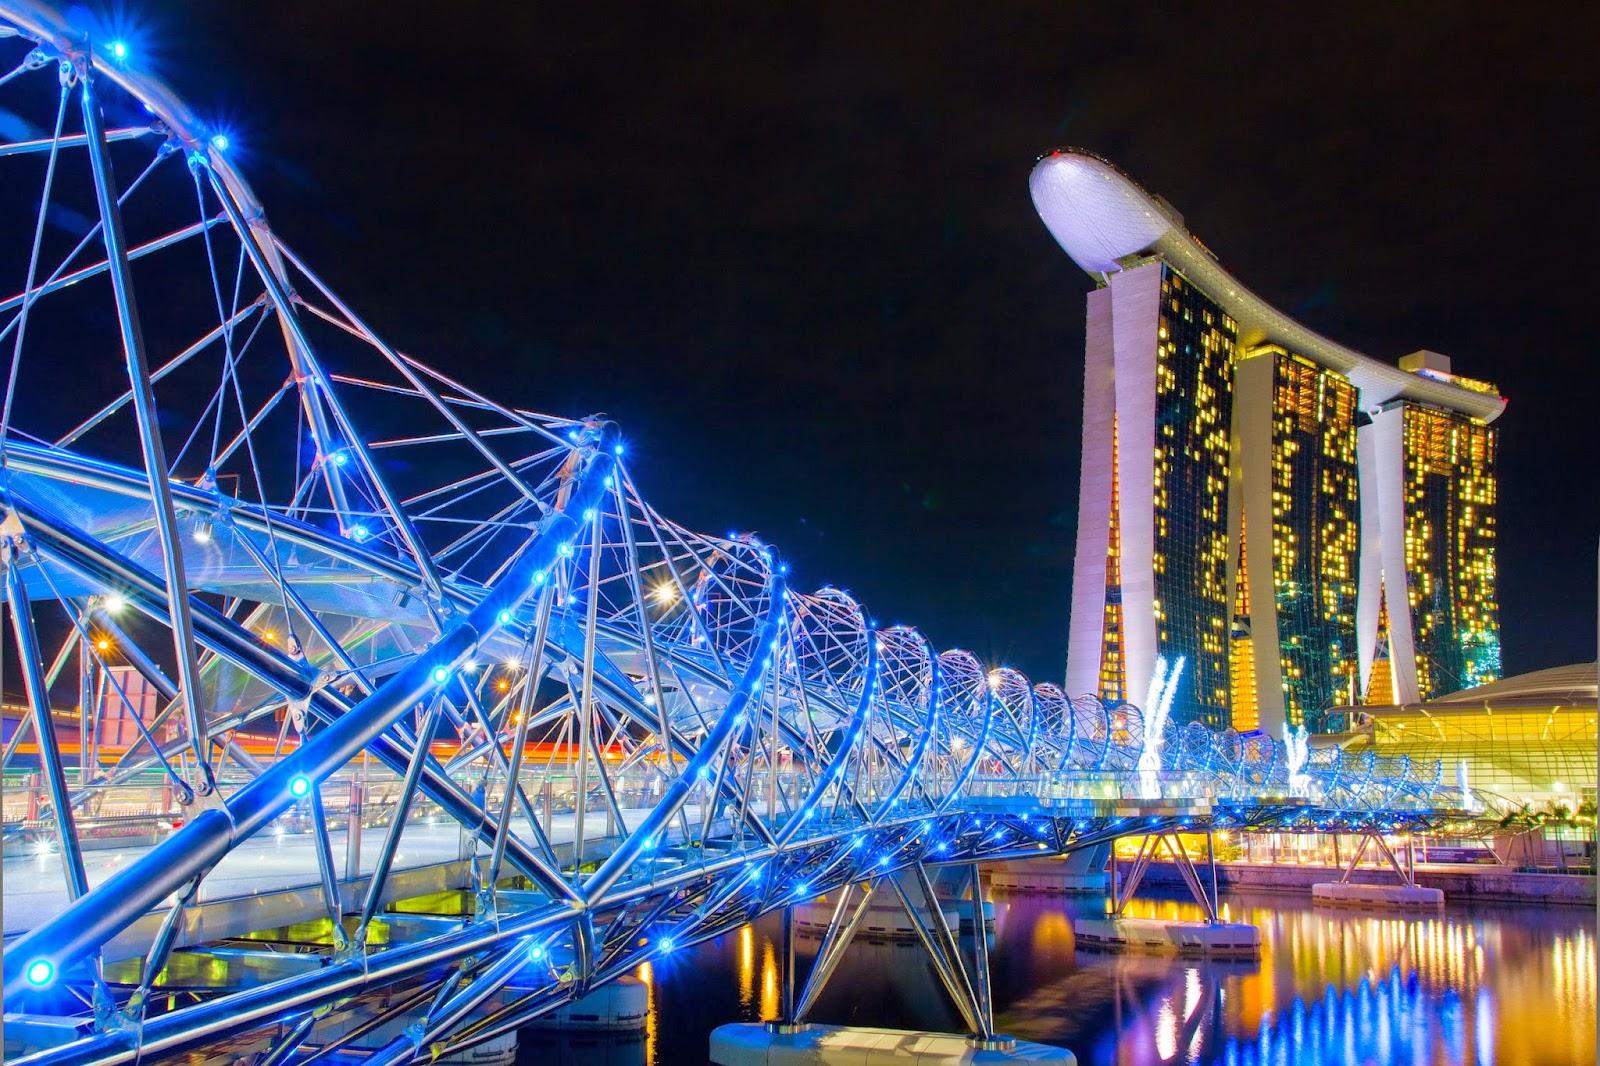 Cầu Helix Bridge - một công trình kiến trúc nghệ thuật đặc sắc nằm trên vịnh Marina Bay Sands